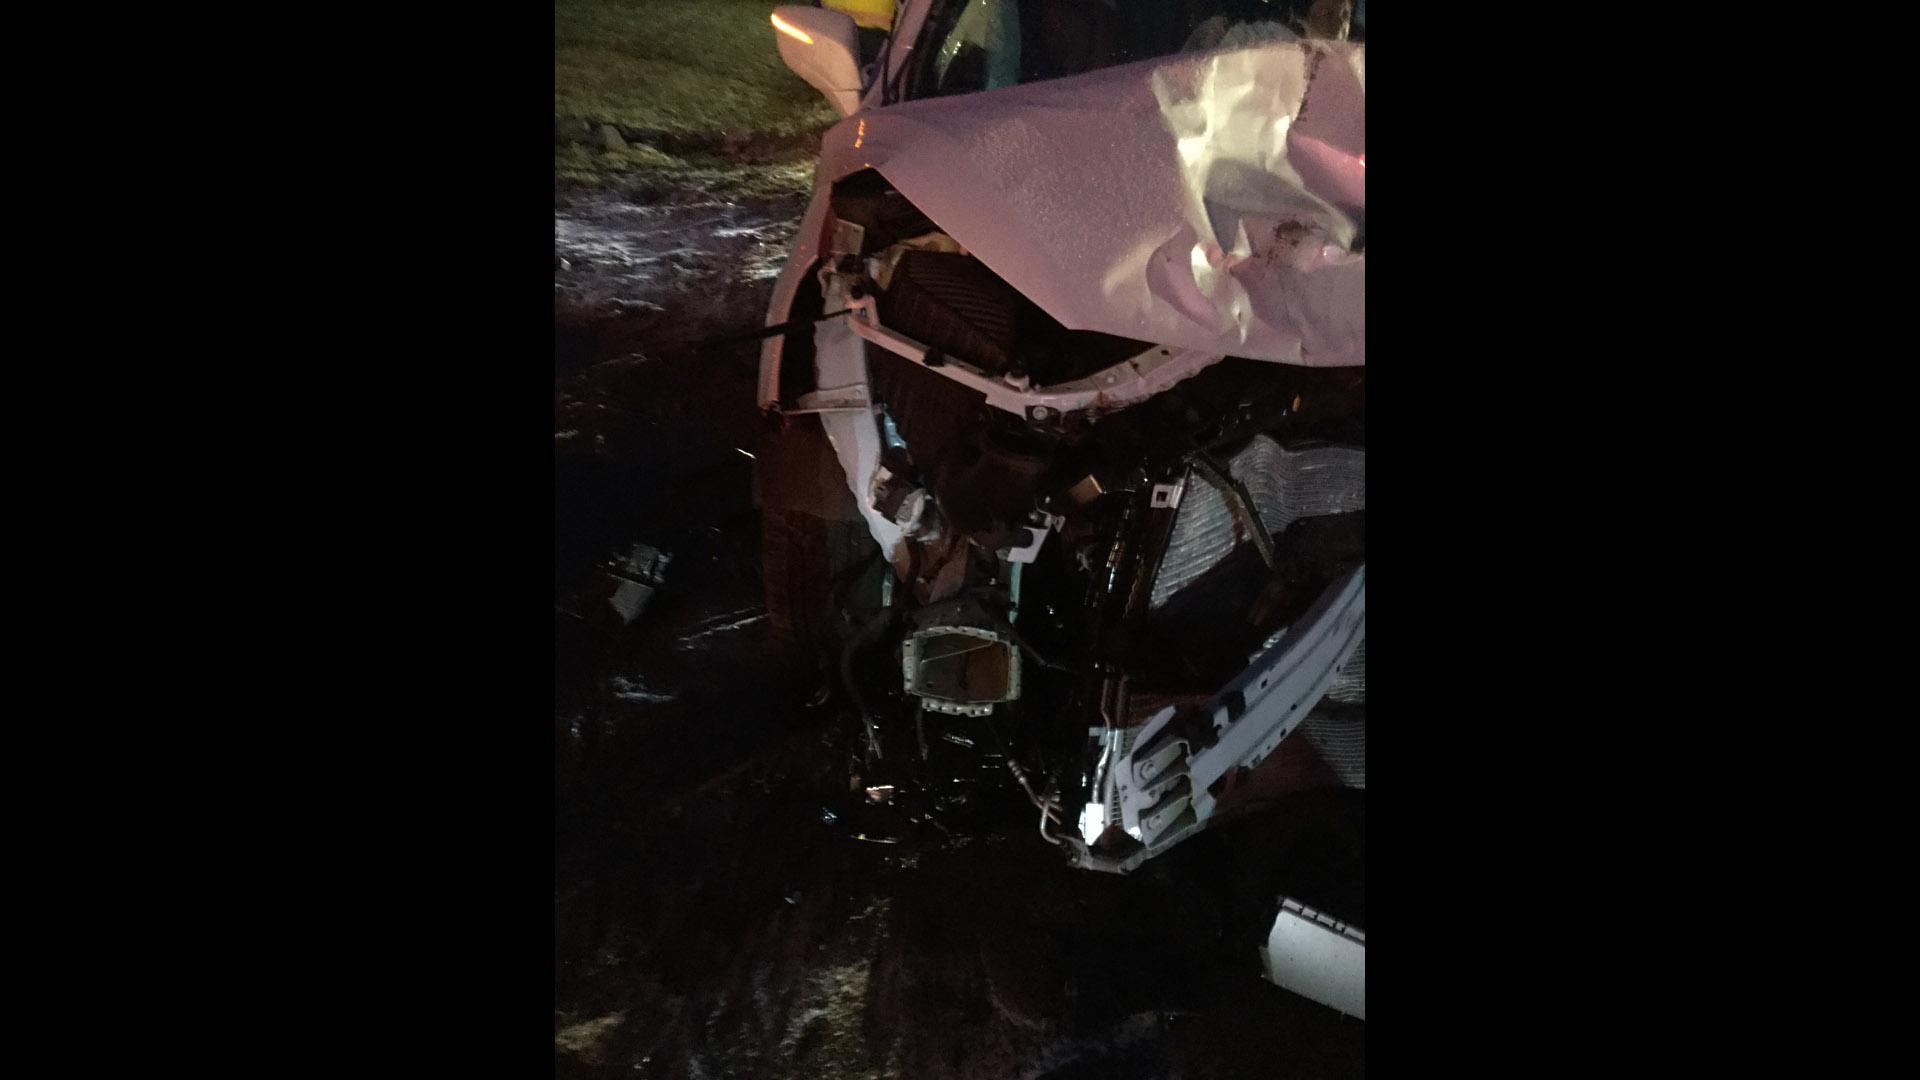 penn township m-60 calvin center crash 010219_1546480705526.jpg.jpg